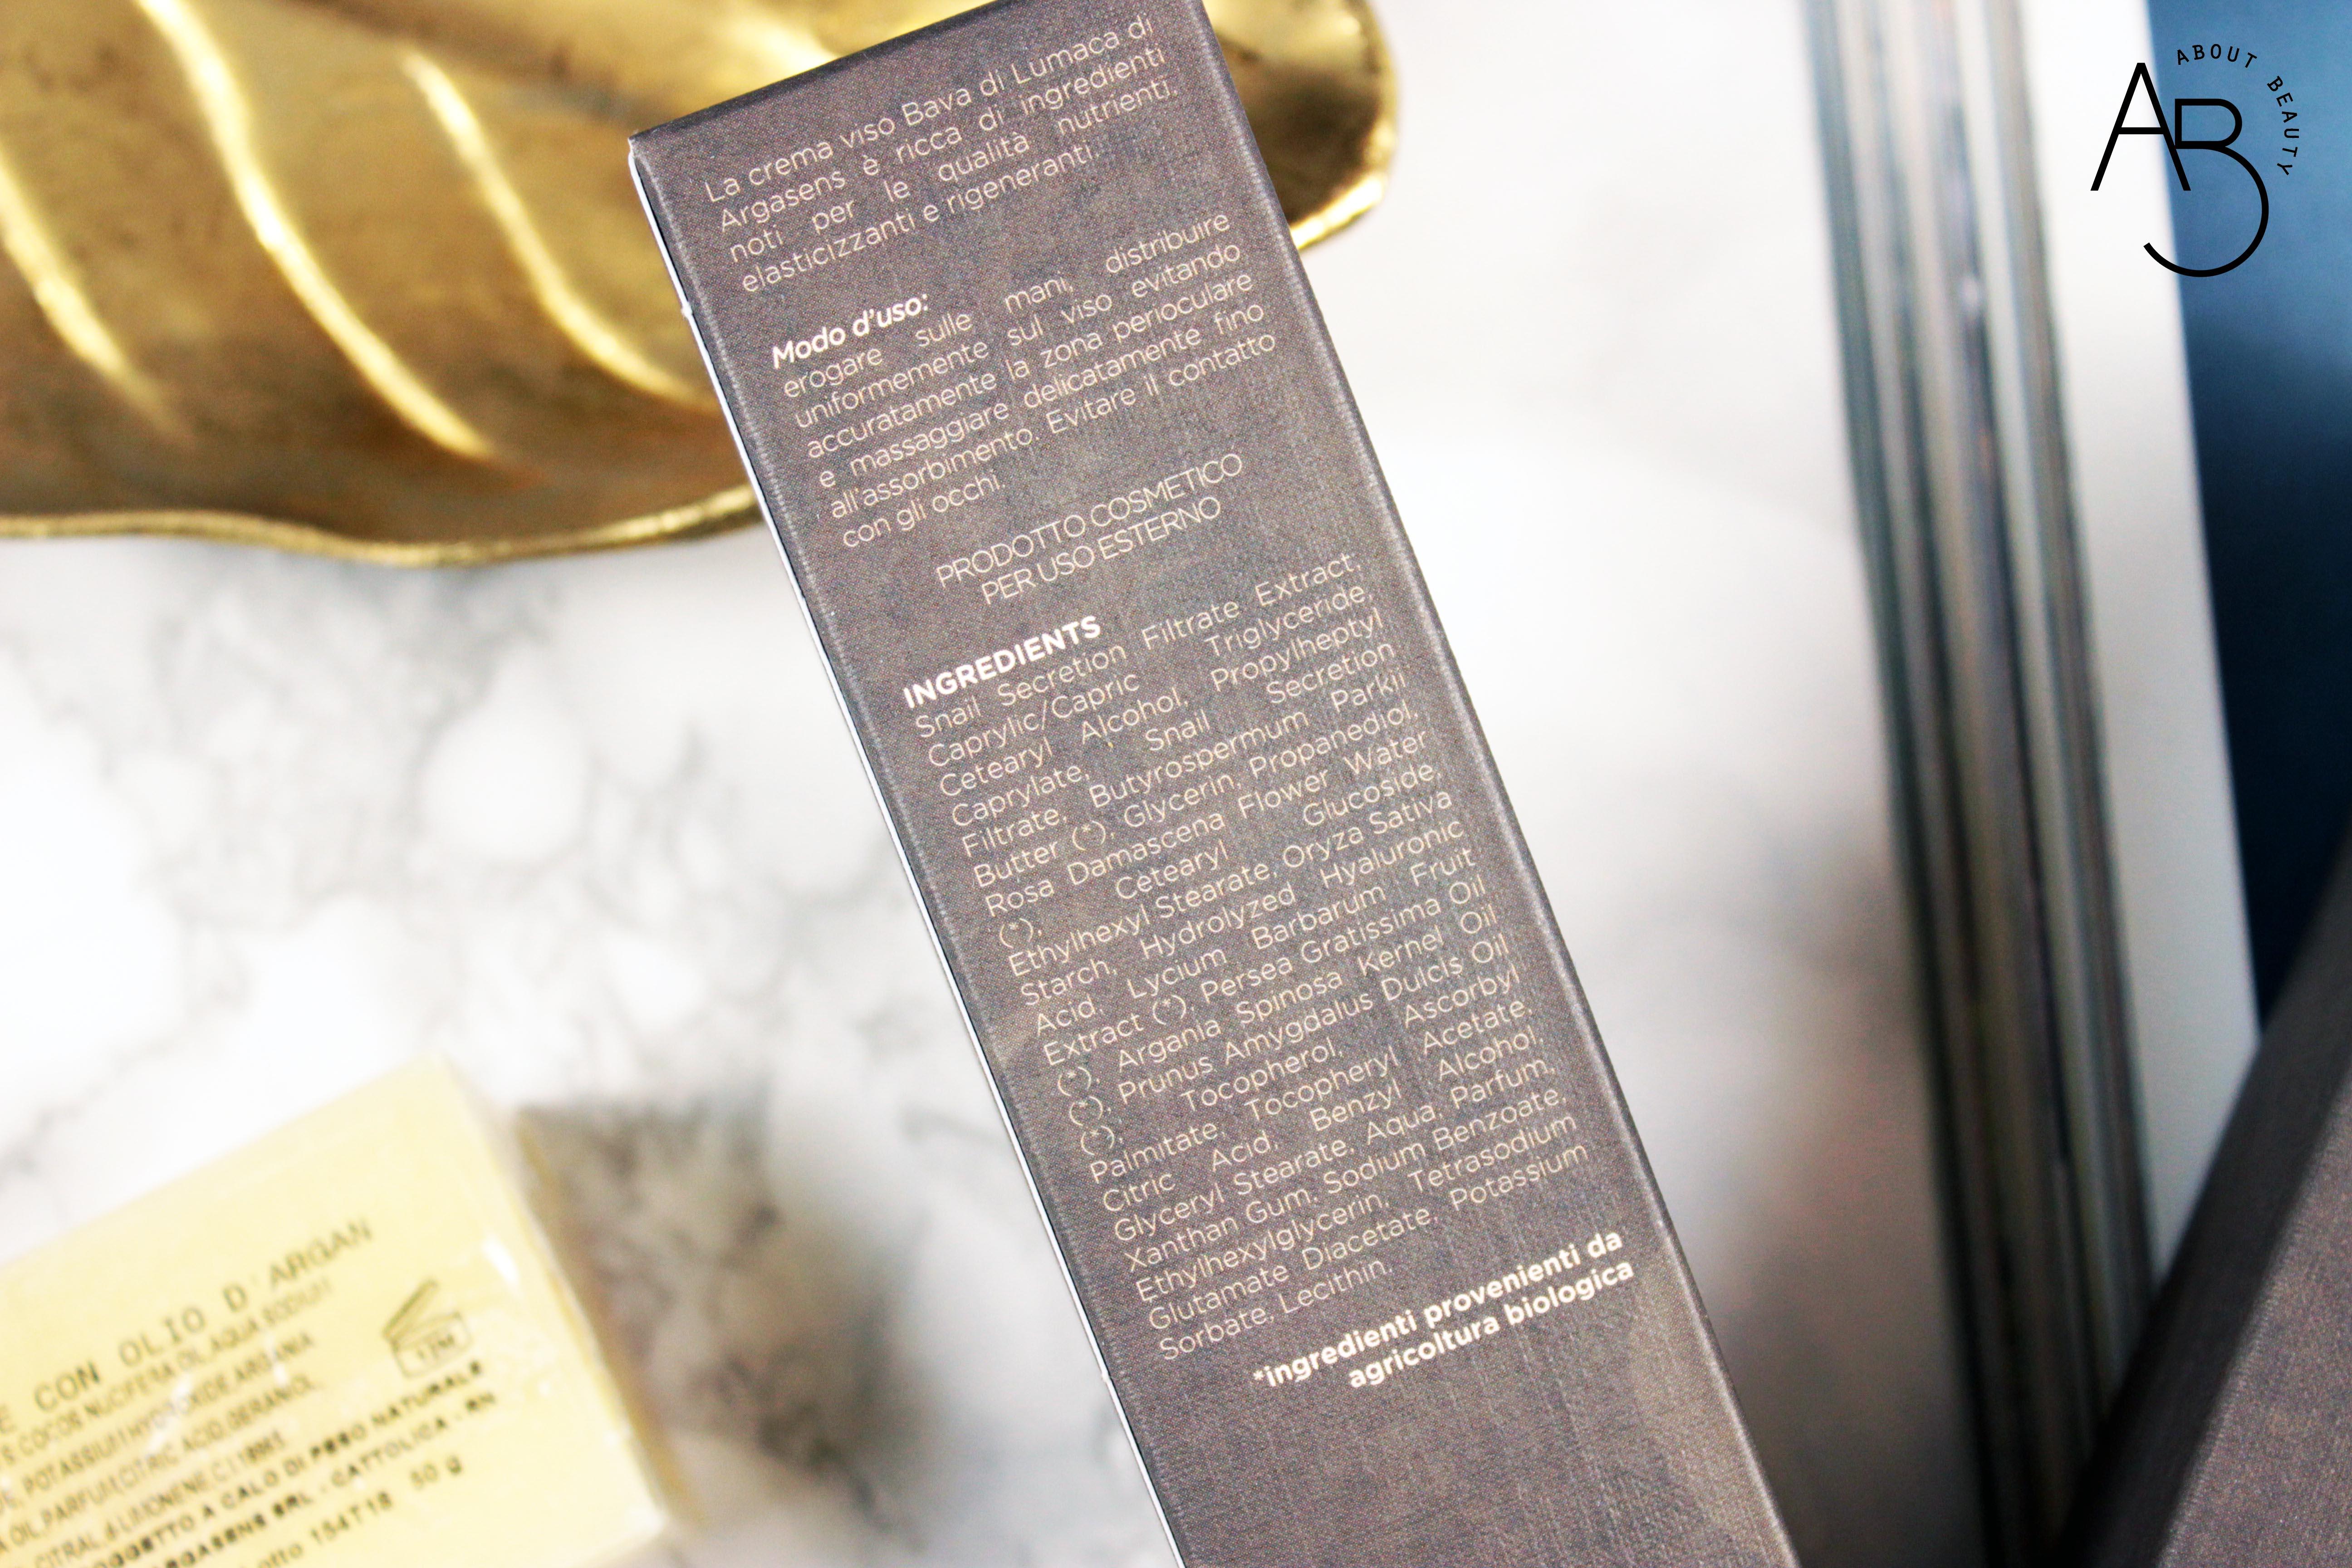 Argasens, olio di argan biologico puro e crema viso alla bava di lumaca - Recensione, info, review, prezzo, dove acquistare, inci - Crema viso bava di lumaca con olio di argan